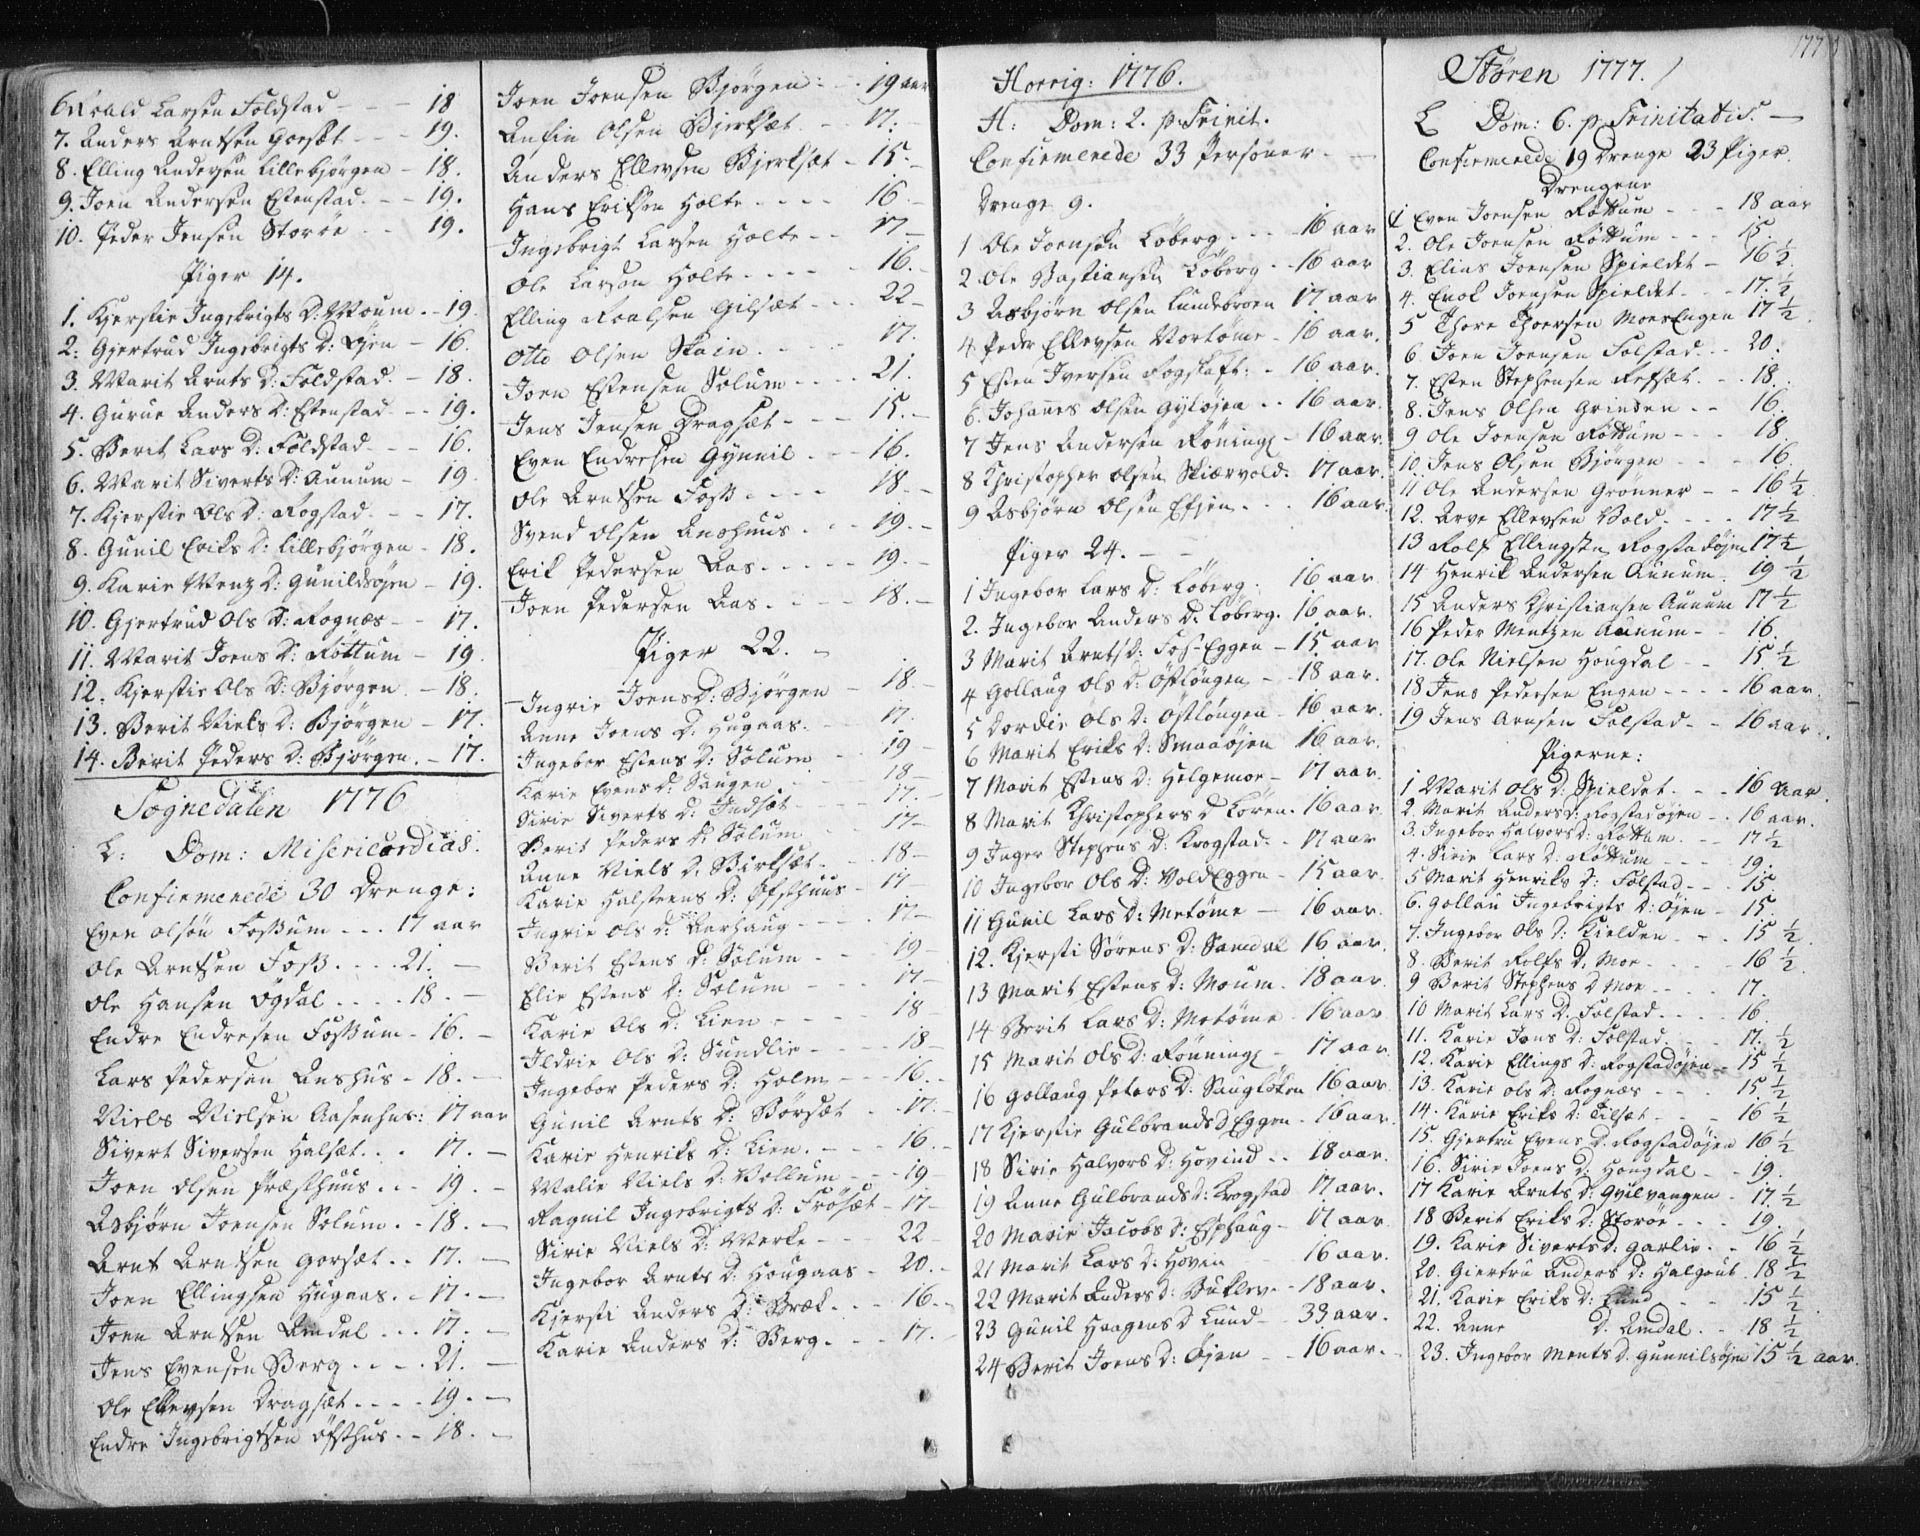 SAT, Ministerialprotokoller, klokkerbøker og fødselsregistre - Sør-Trøndelag, 687/L0991: Ministerialbok nr. 687A02, 1747-1790, s. 177